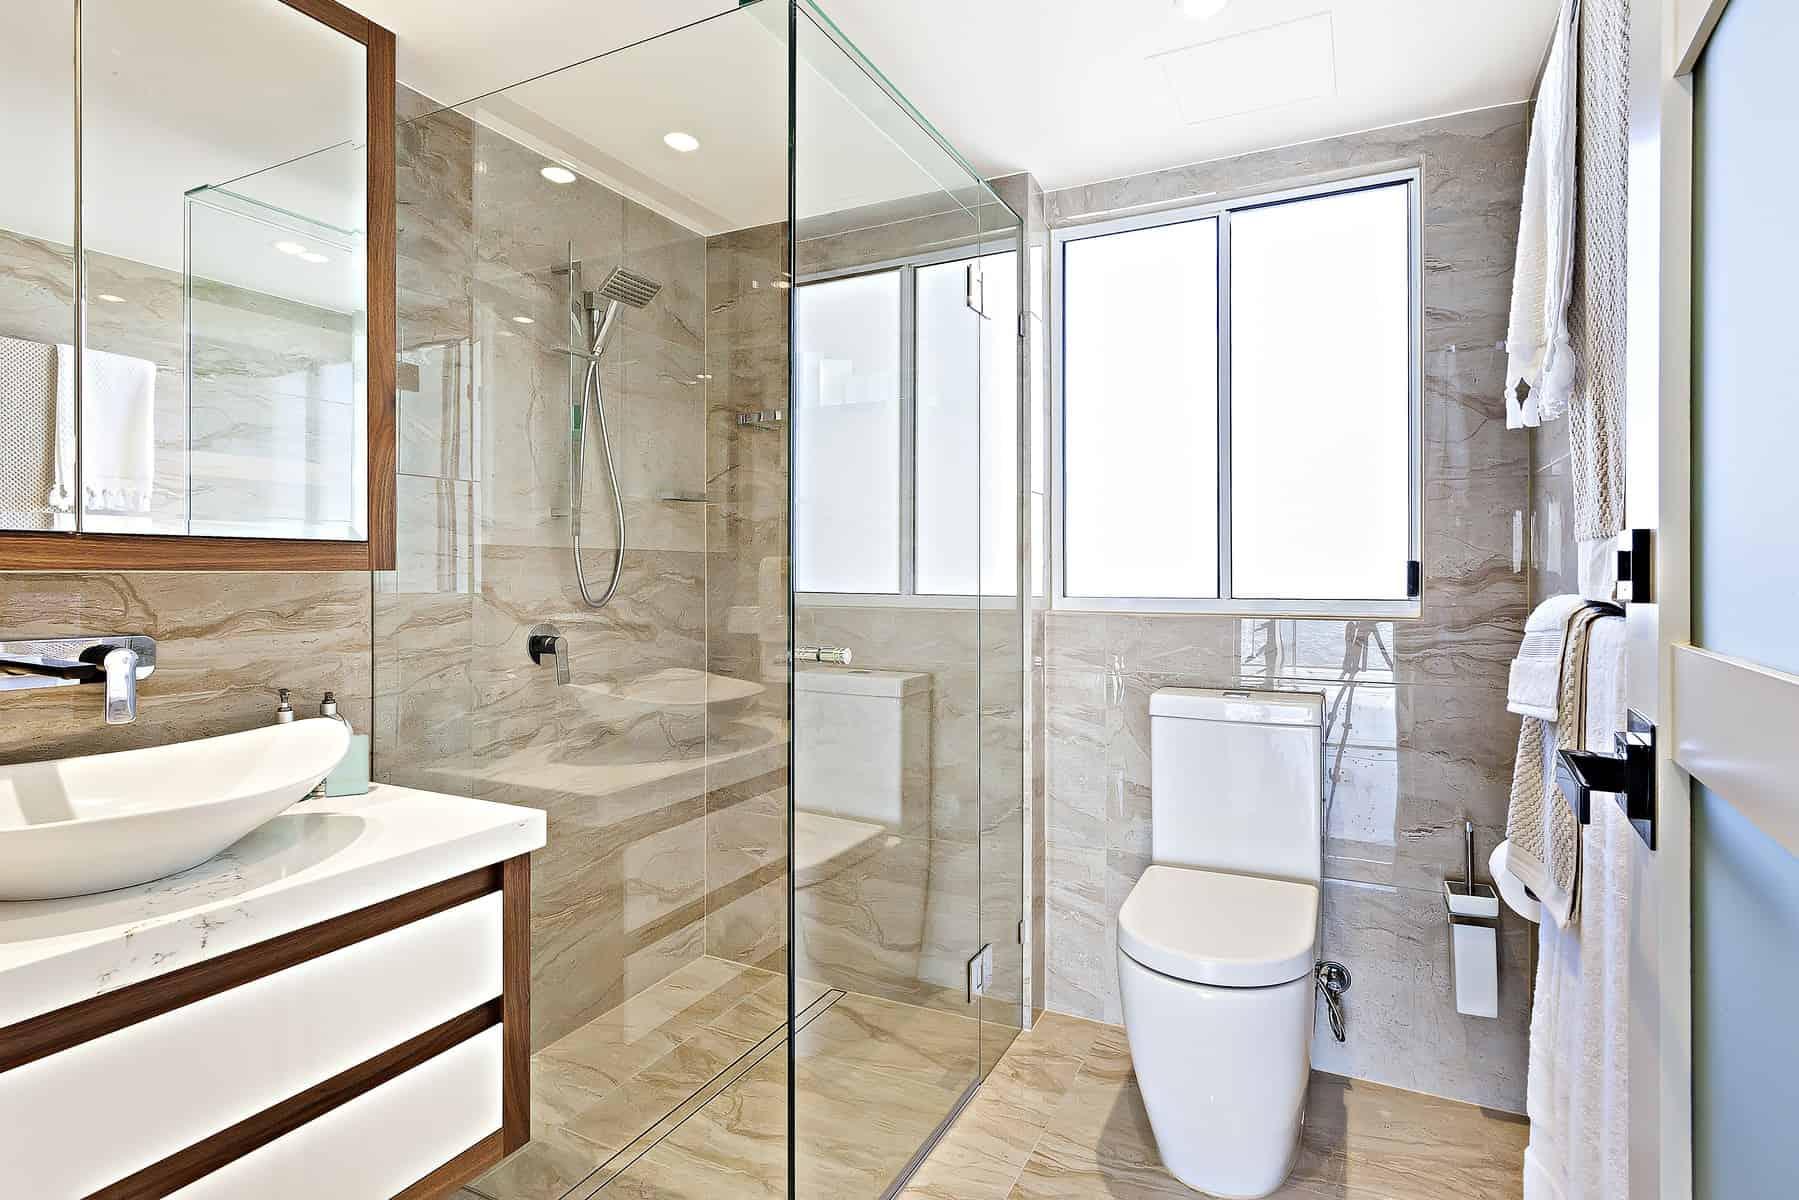 Badeværelse med brusekabine opsat af glarmester Holte